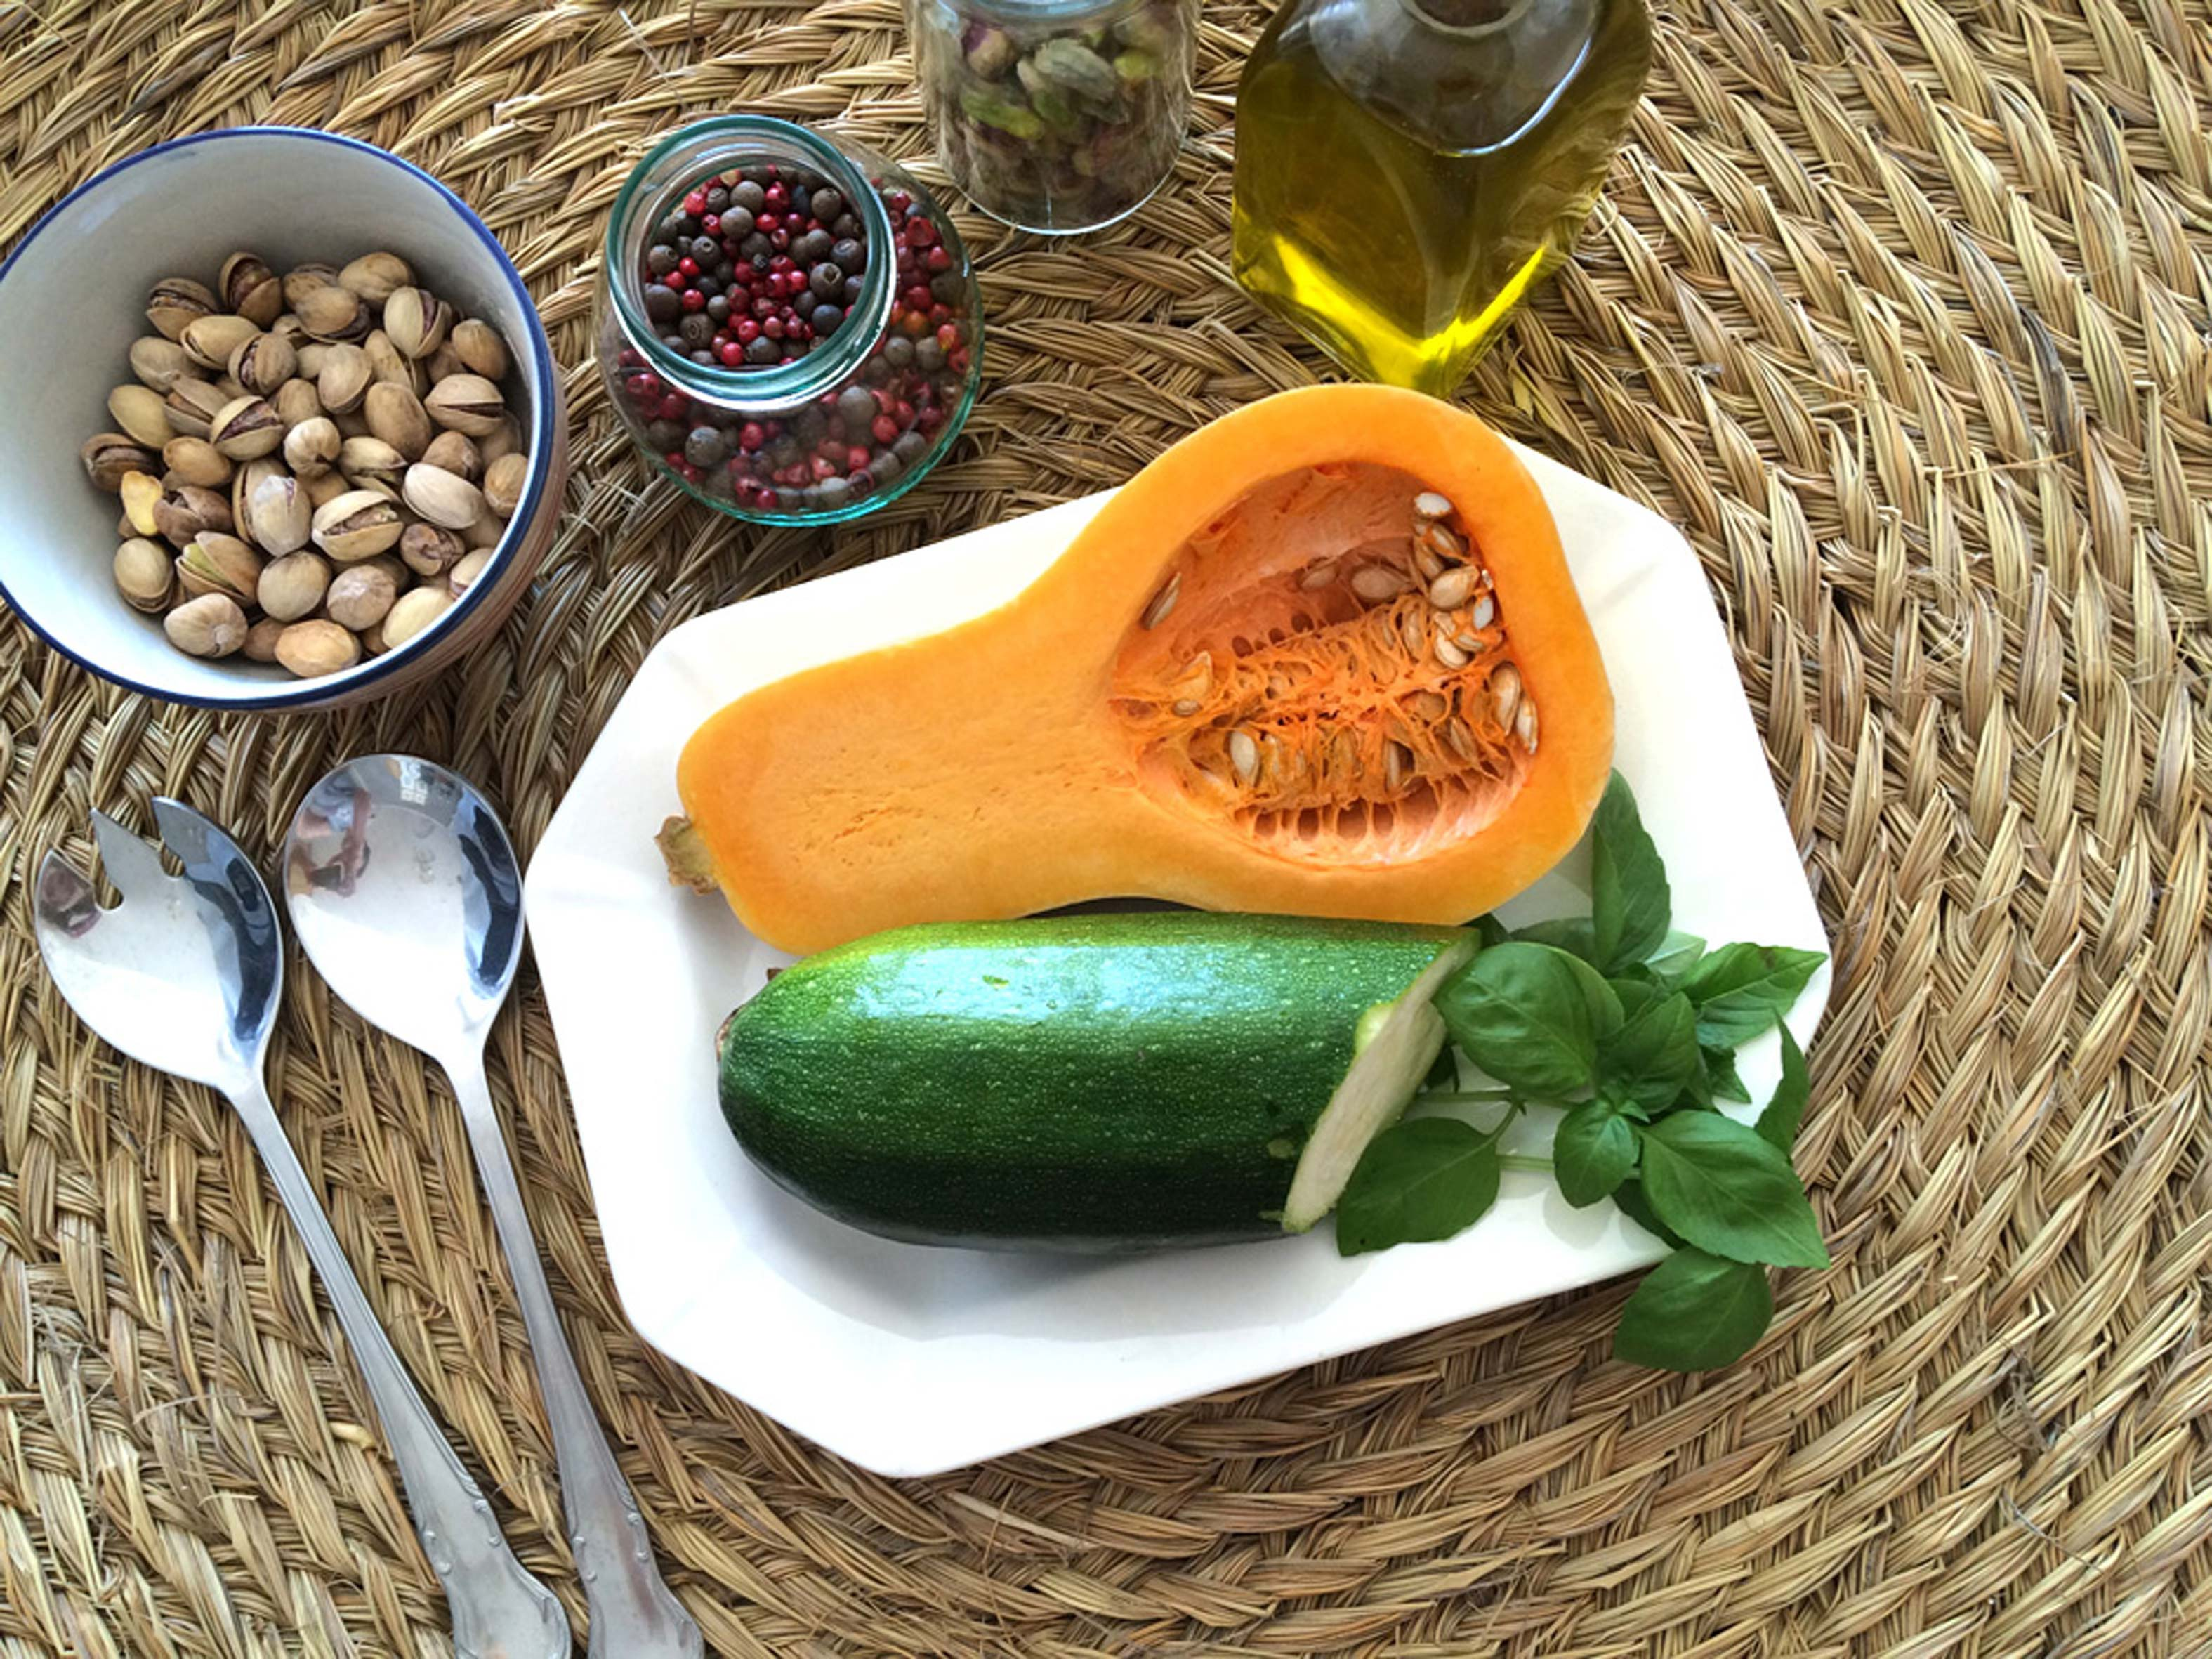 Ingredientes preparados carpaccio con vinagreta de pistachos